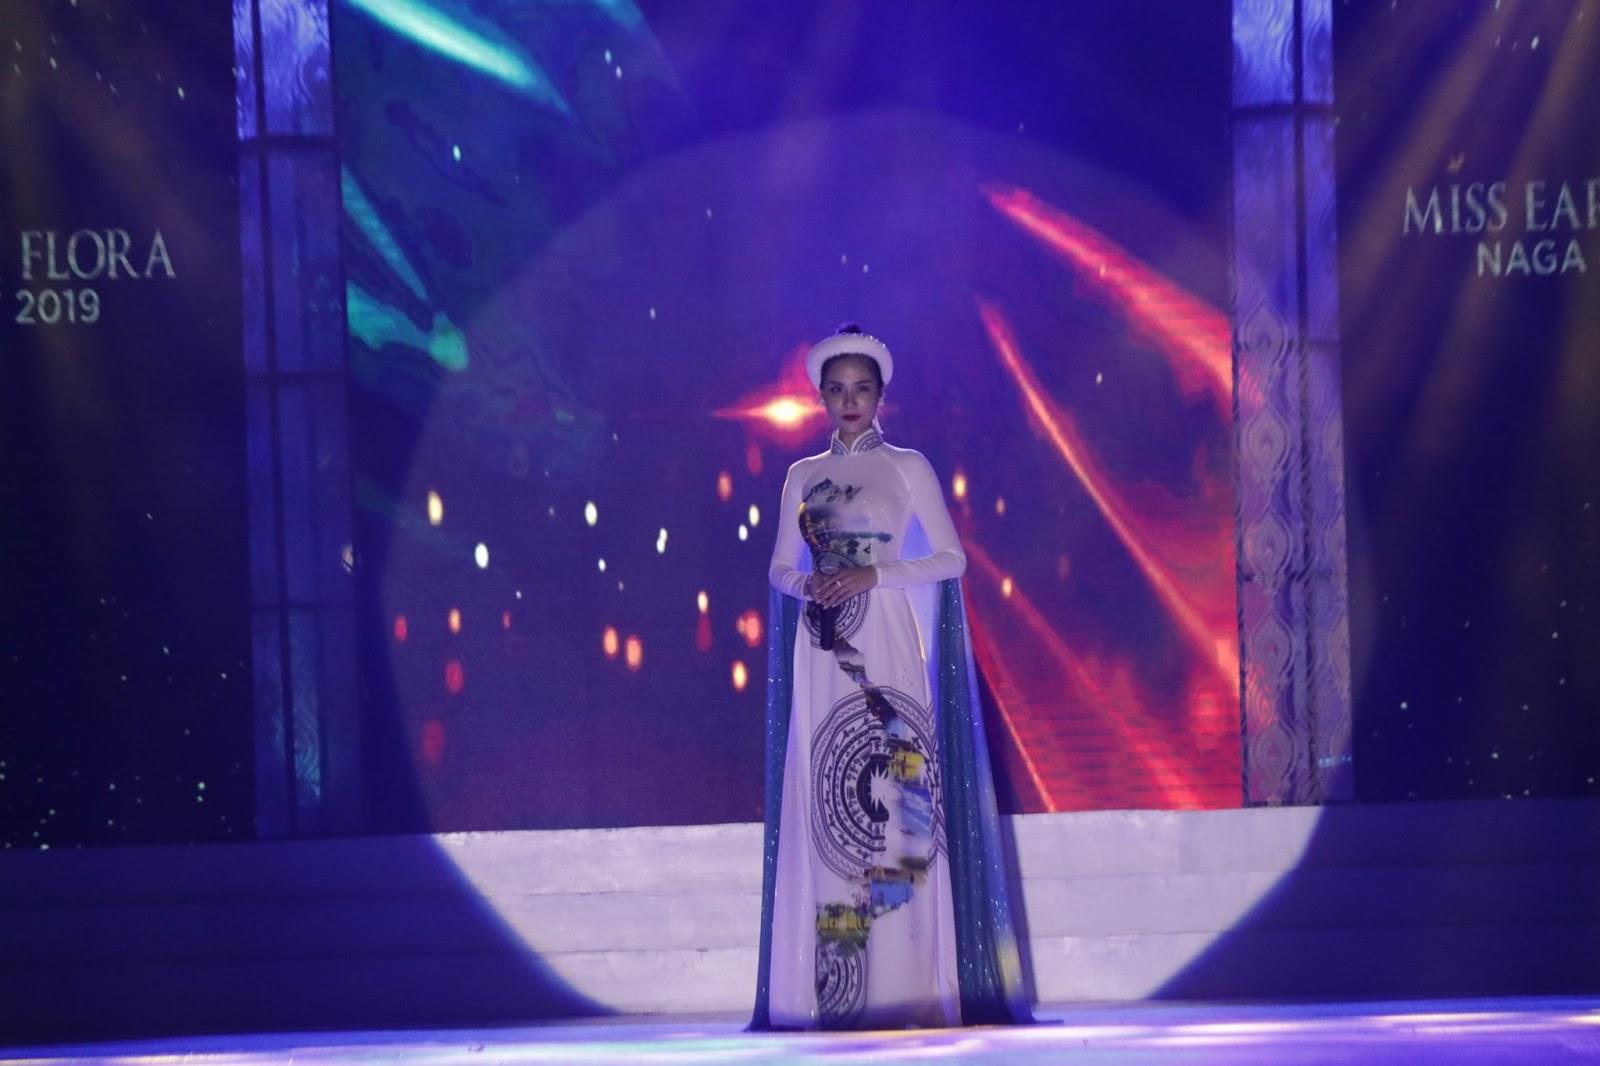 Đại diện Việt Nam tiếp tục giành huy chương thứ 3, vươn lên top 5 BXH huy chương tại Miss Earth - Hình 2